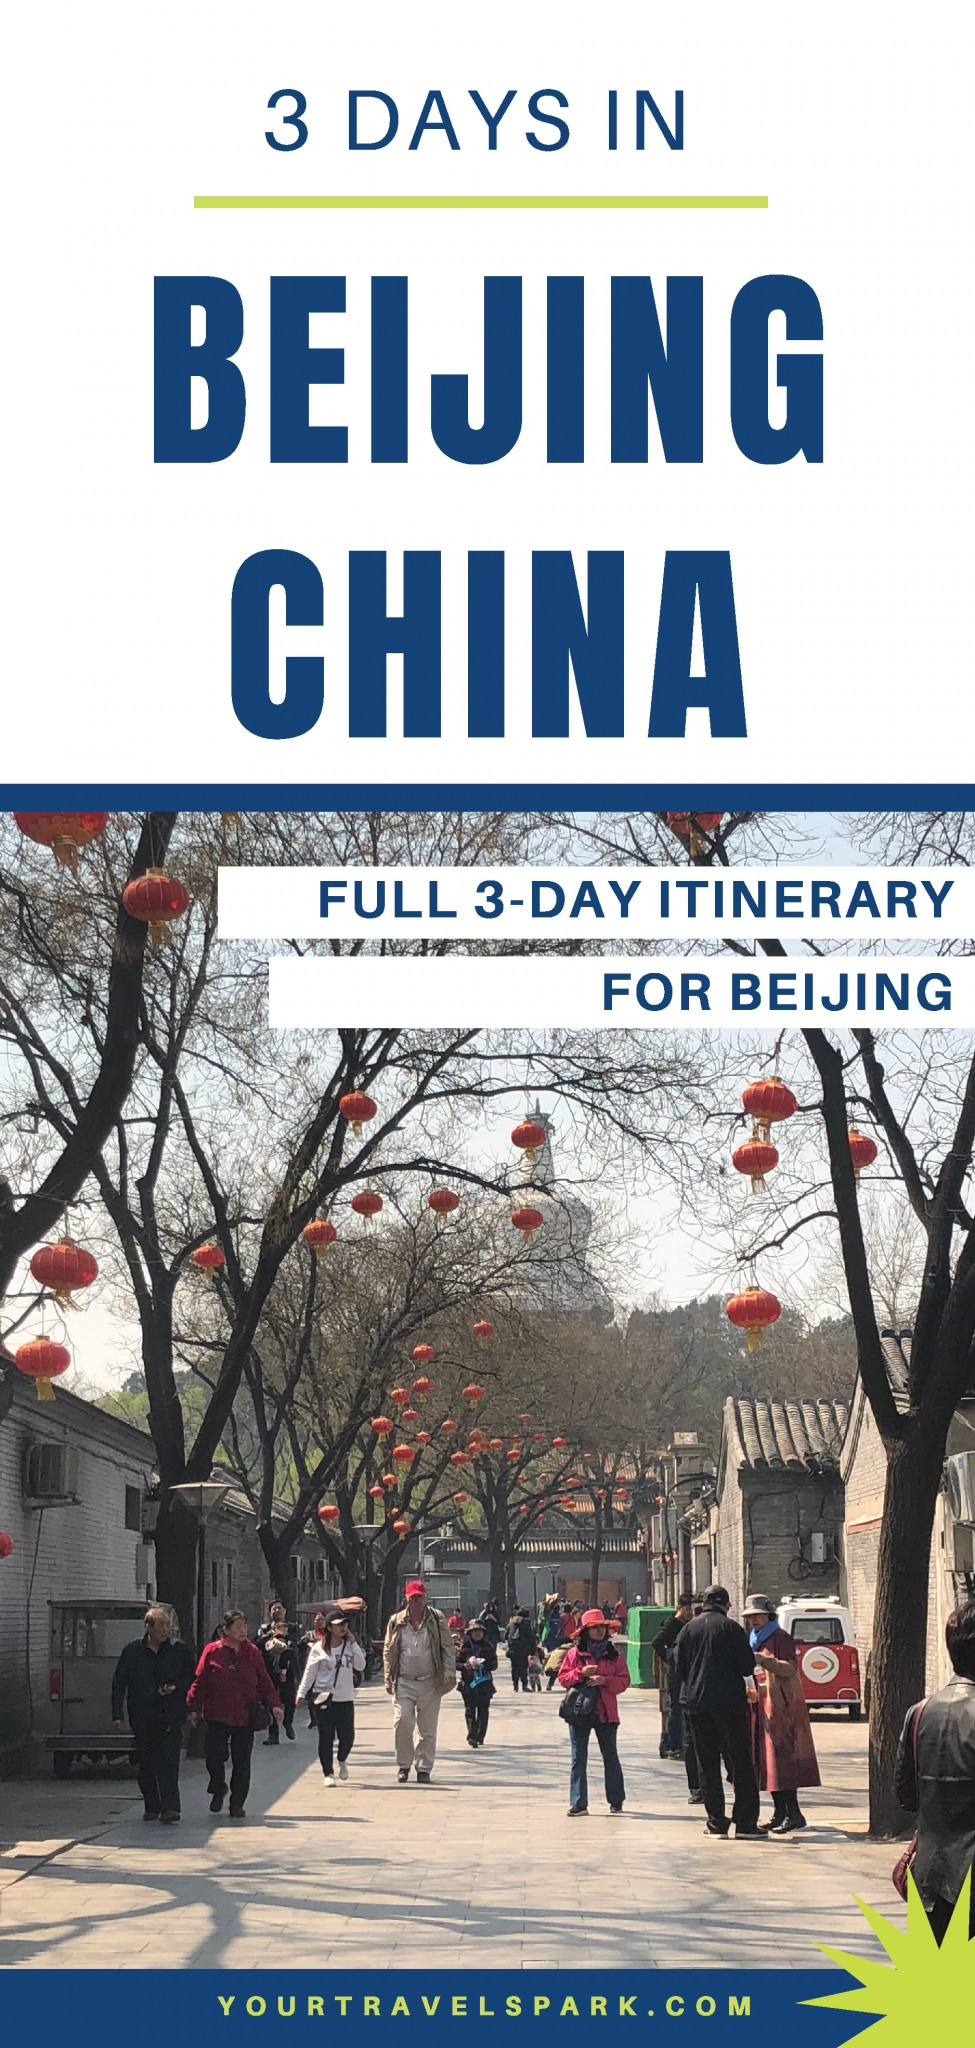 Visiting Beijing, China: 3 days in Beijing itinerary #beijing #beijingchina #china #visitchina #visitbeijing #visitingchina #visitingbeijing #visitbeijingchina #visitingbeijingchina #travel #travelchina #travelbeijing #travelbeijingchina #asia #asiatravel #travelasia #visitasia